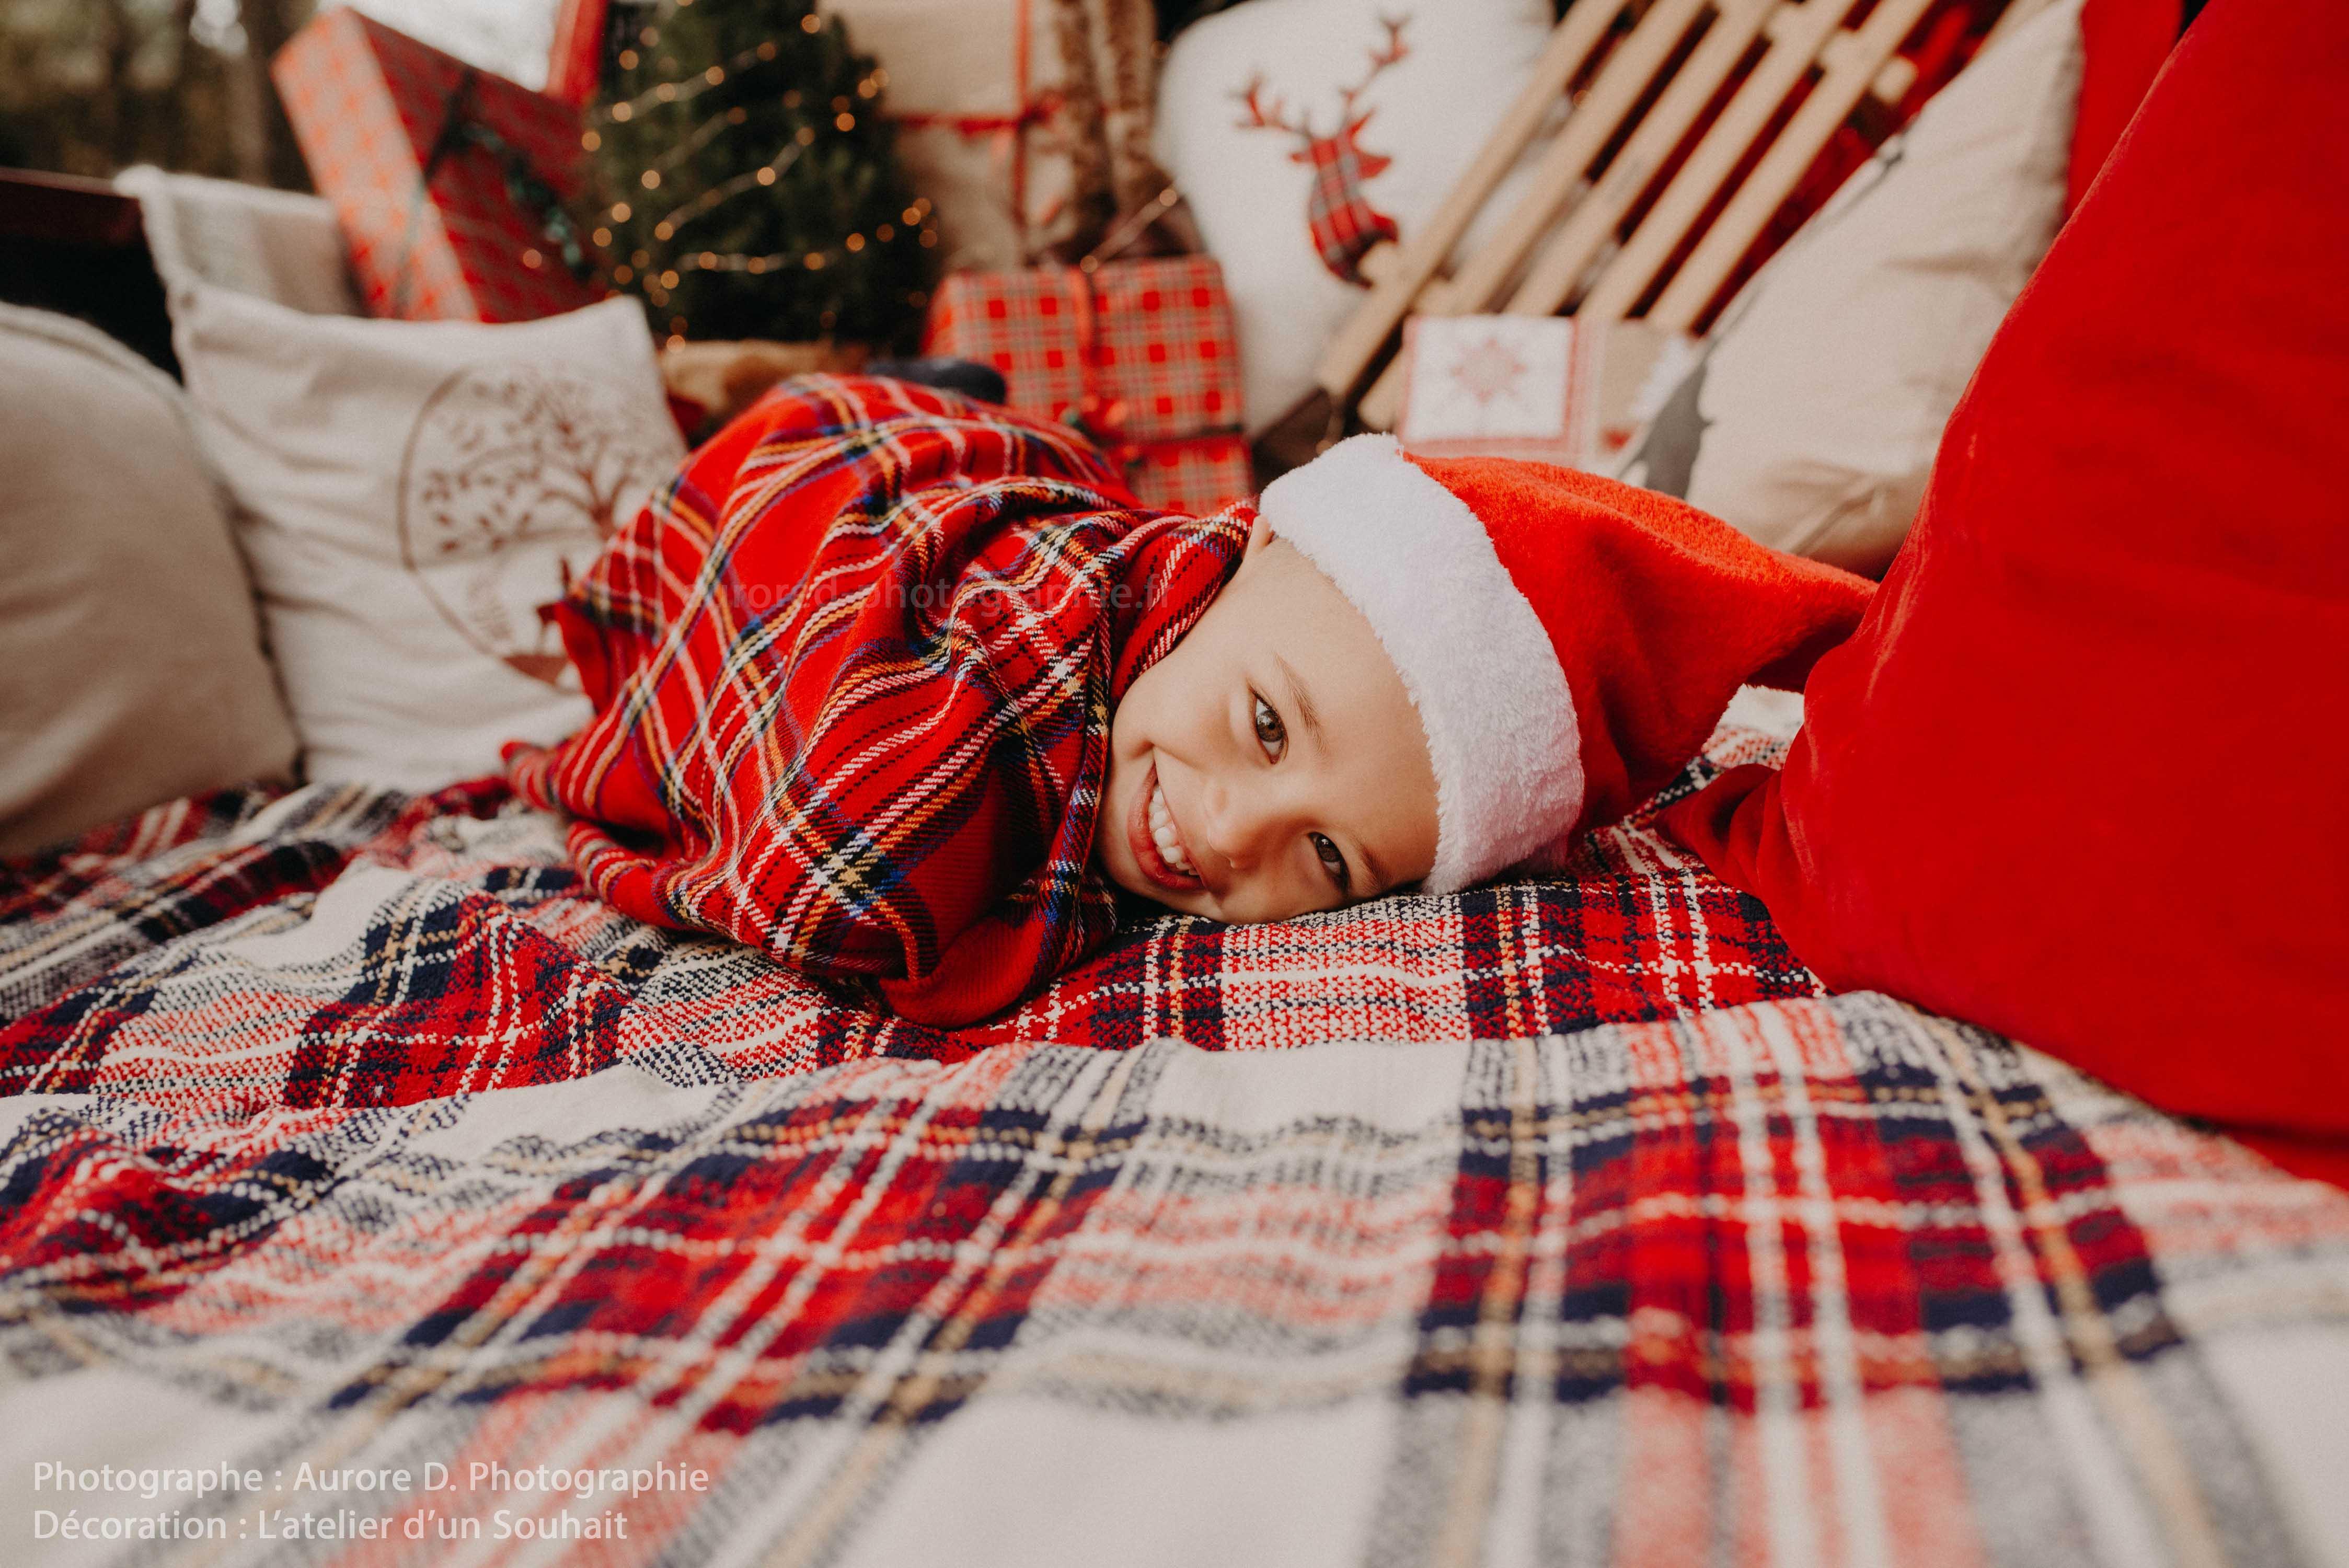 Décor de Noël pick up pour séance photo créé par L'atelier d'un souhait - Tours